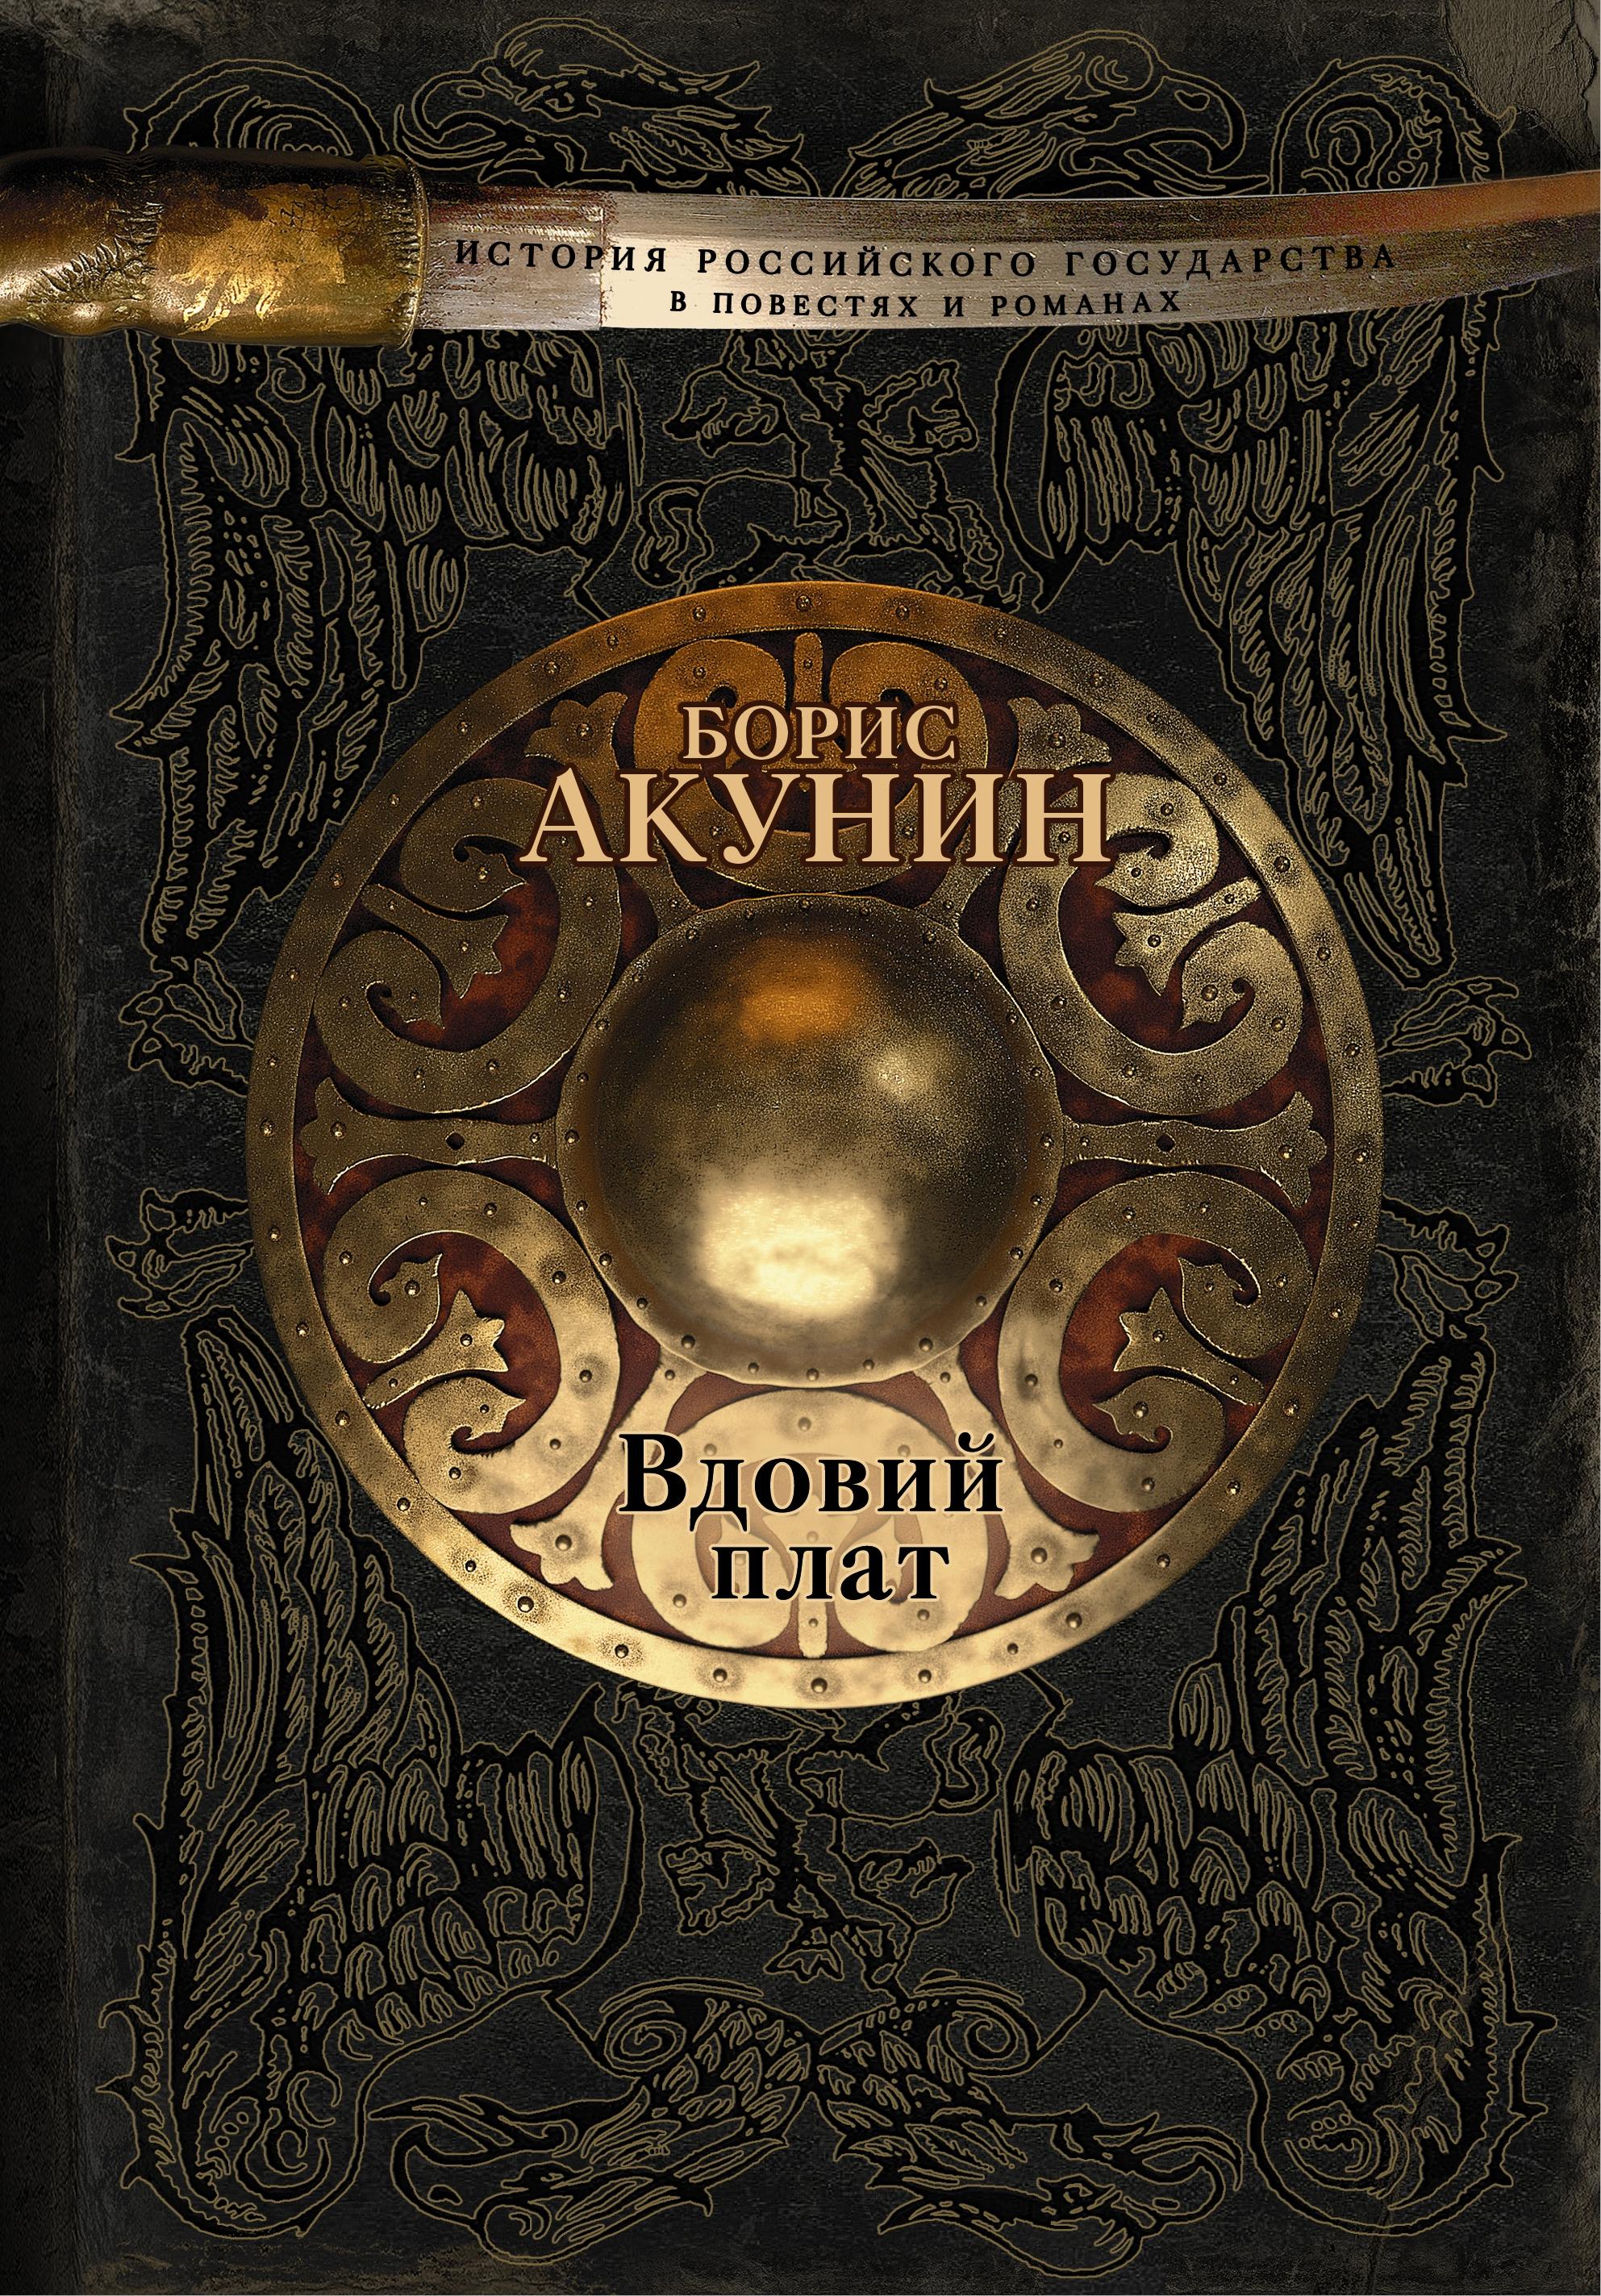 Скачать электронную книгу акунина история российского государства